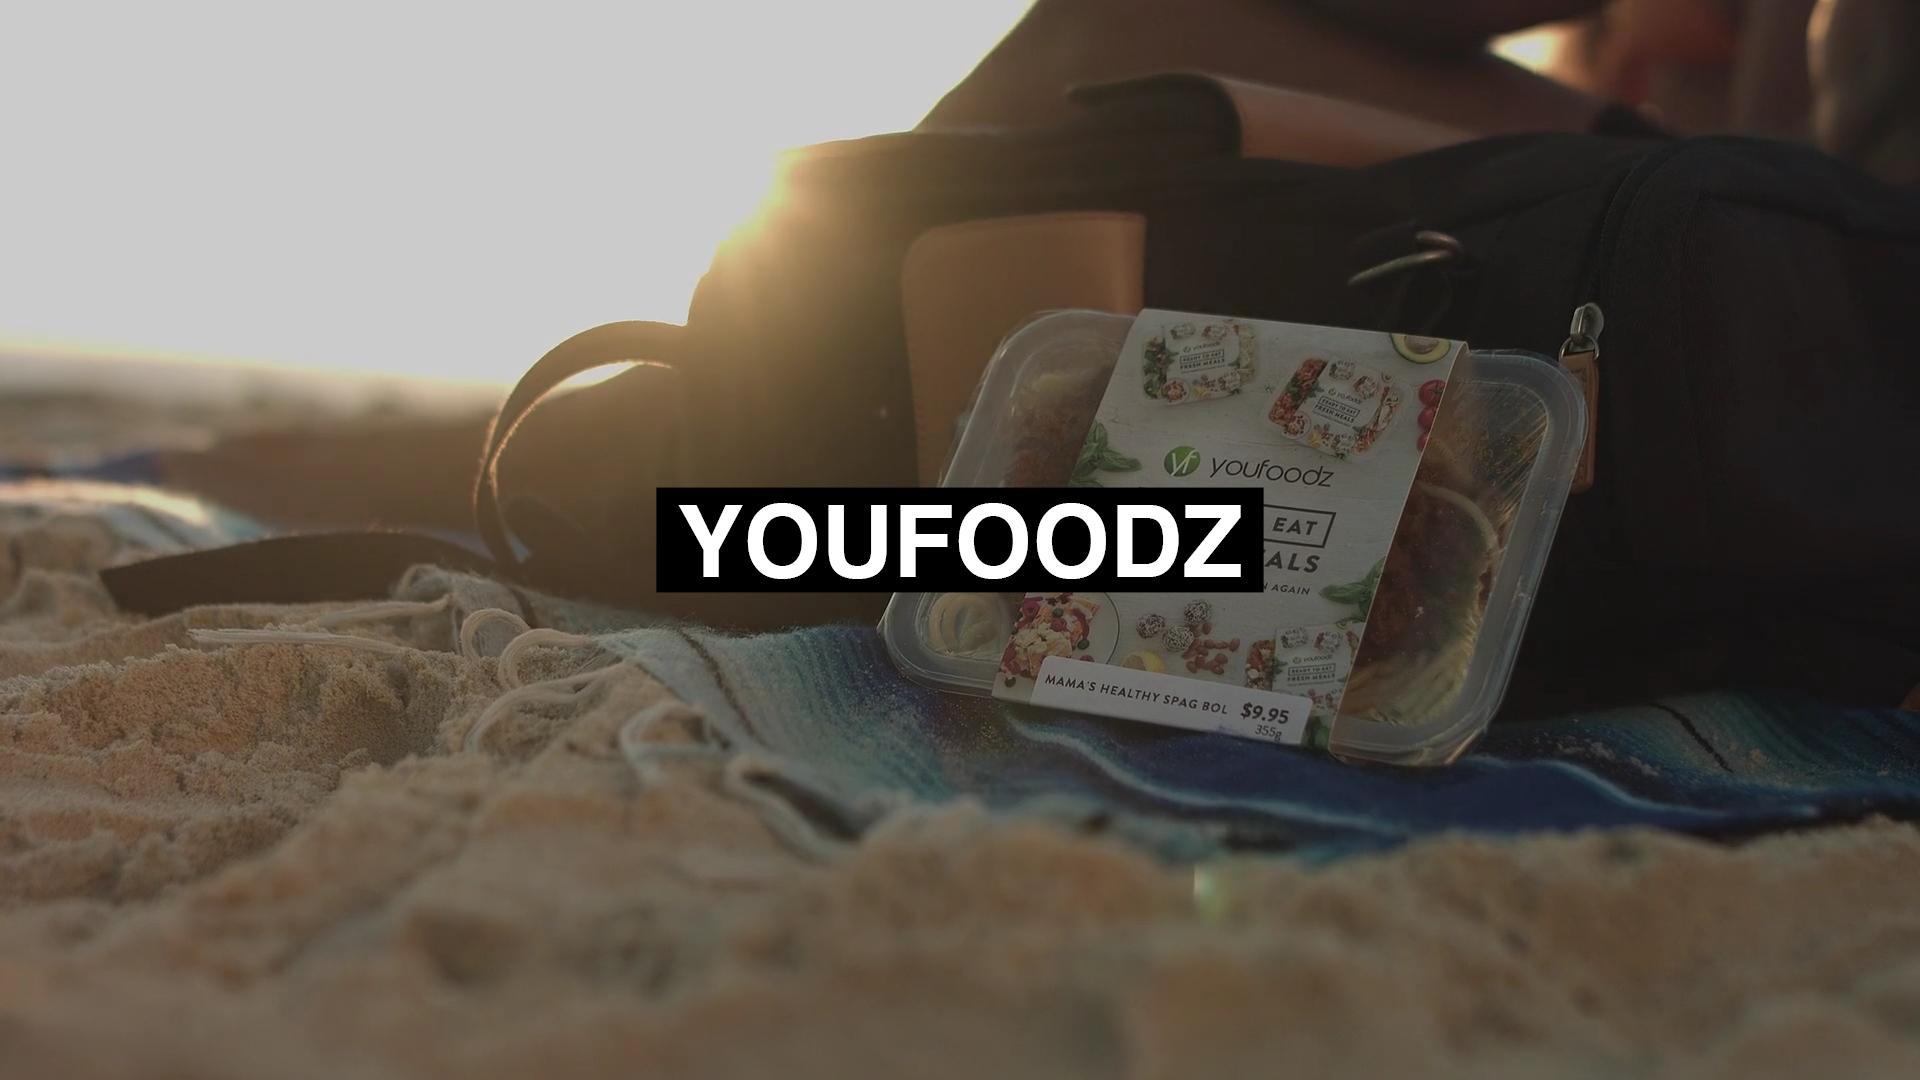 youfoodz.jpg